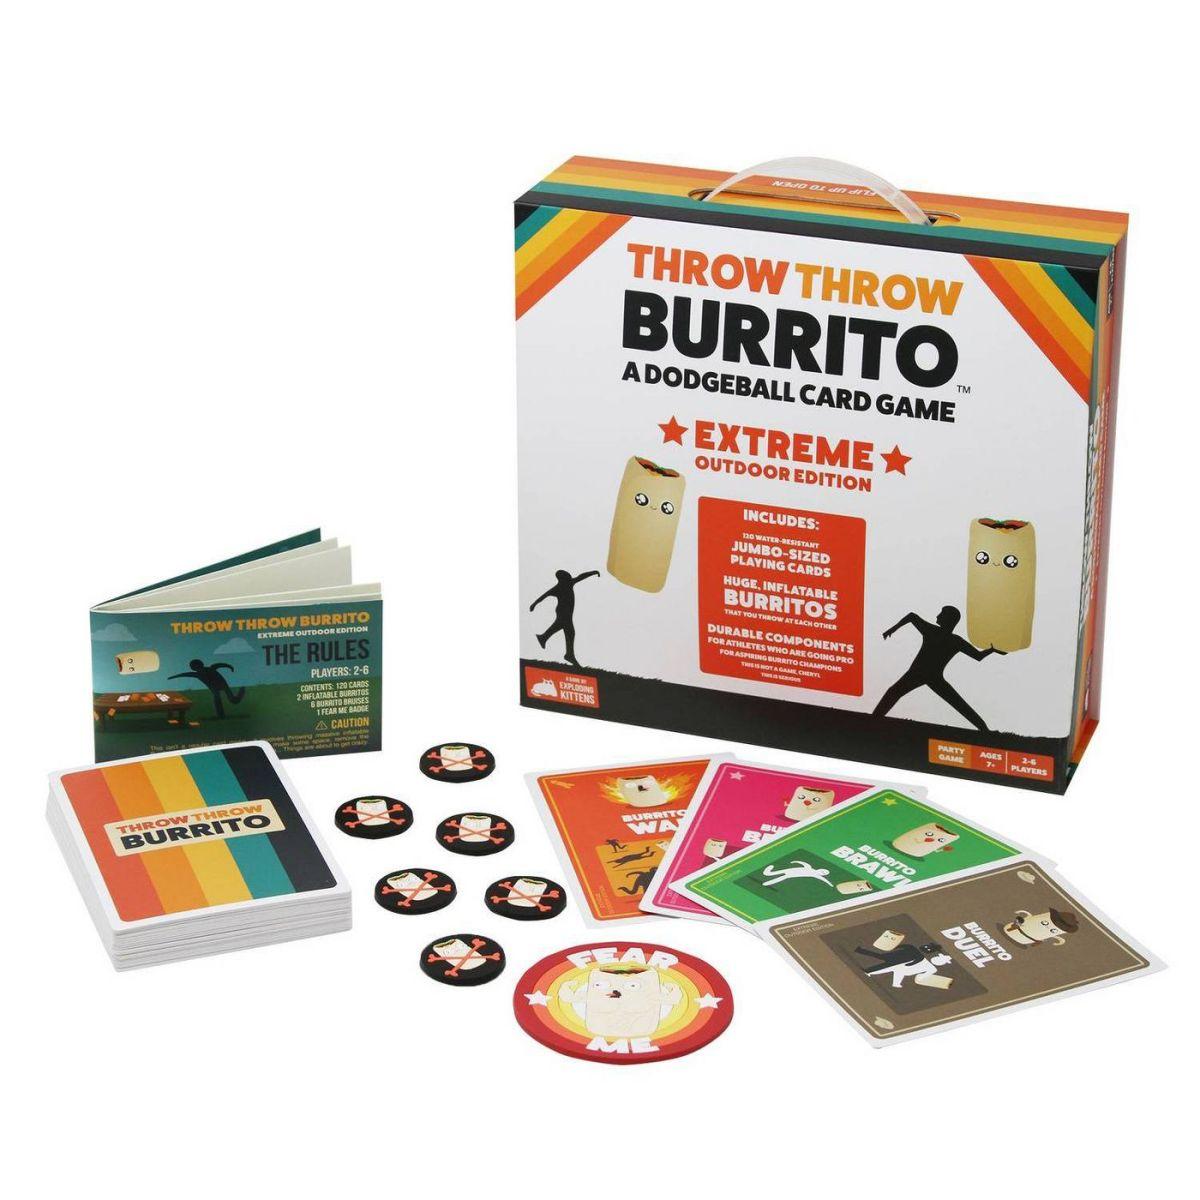 Throw Throw Burrito Outdoor Extreme Edition